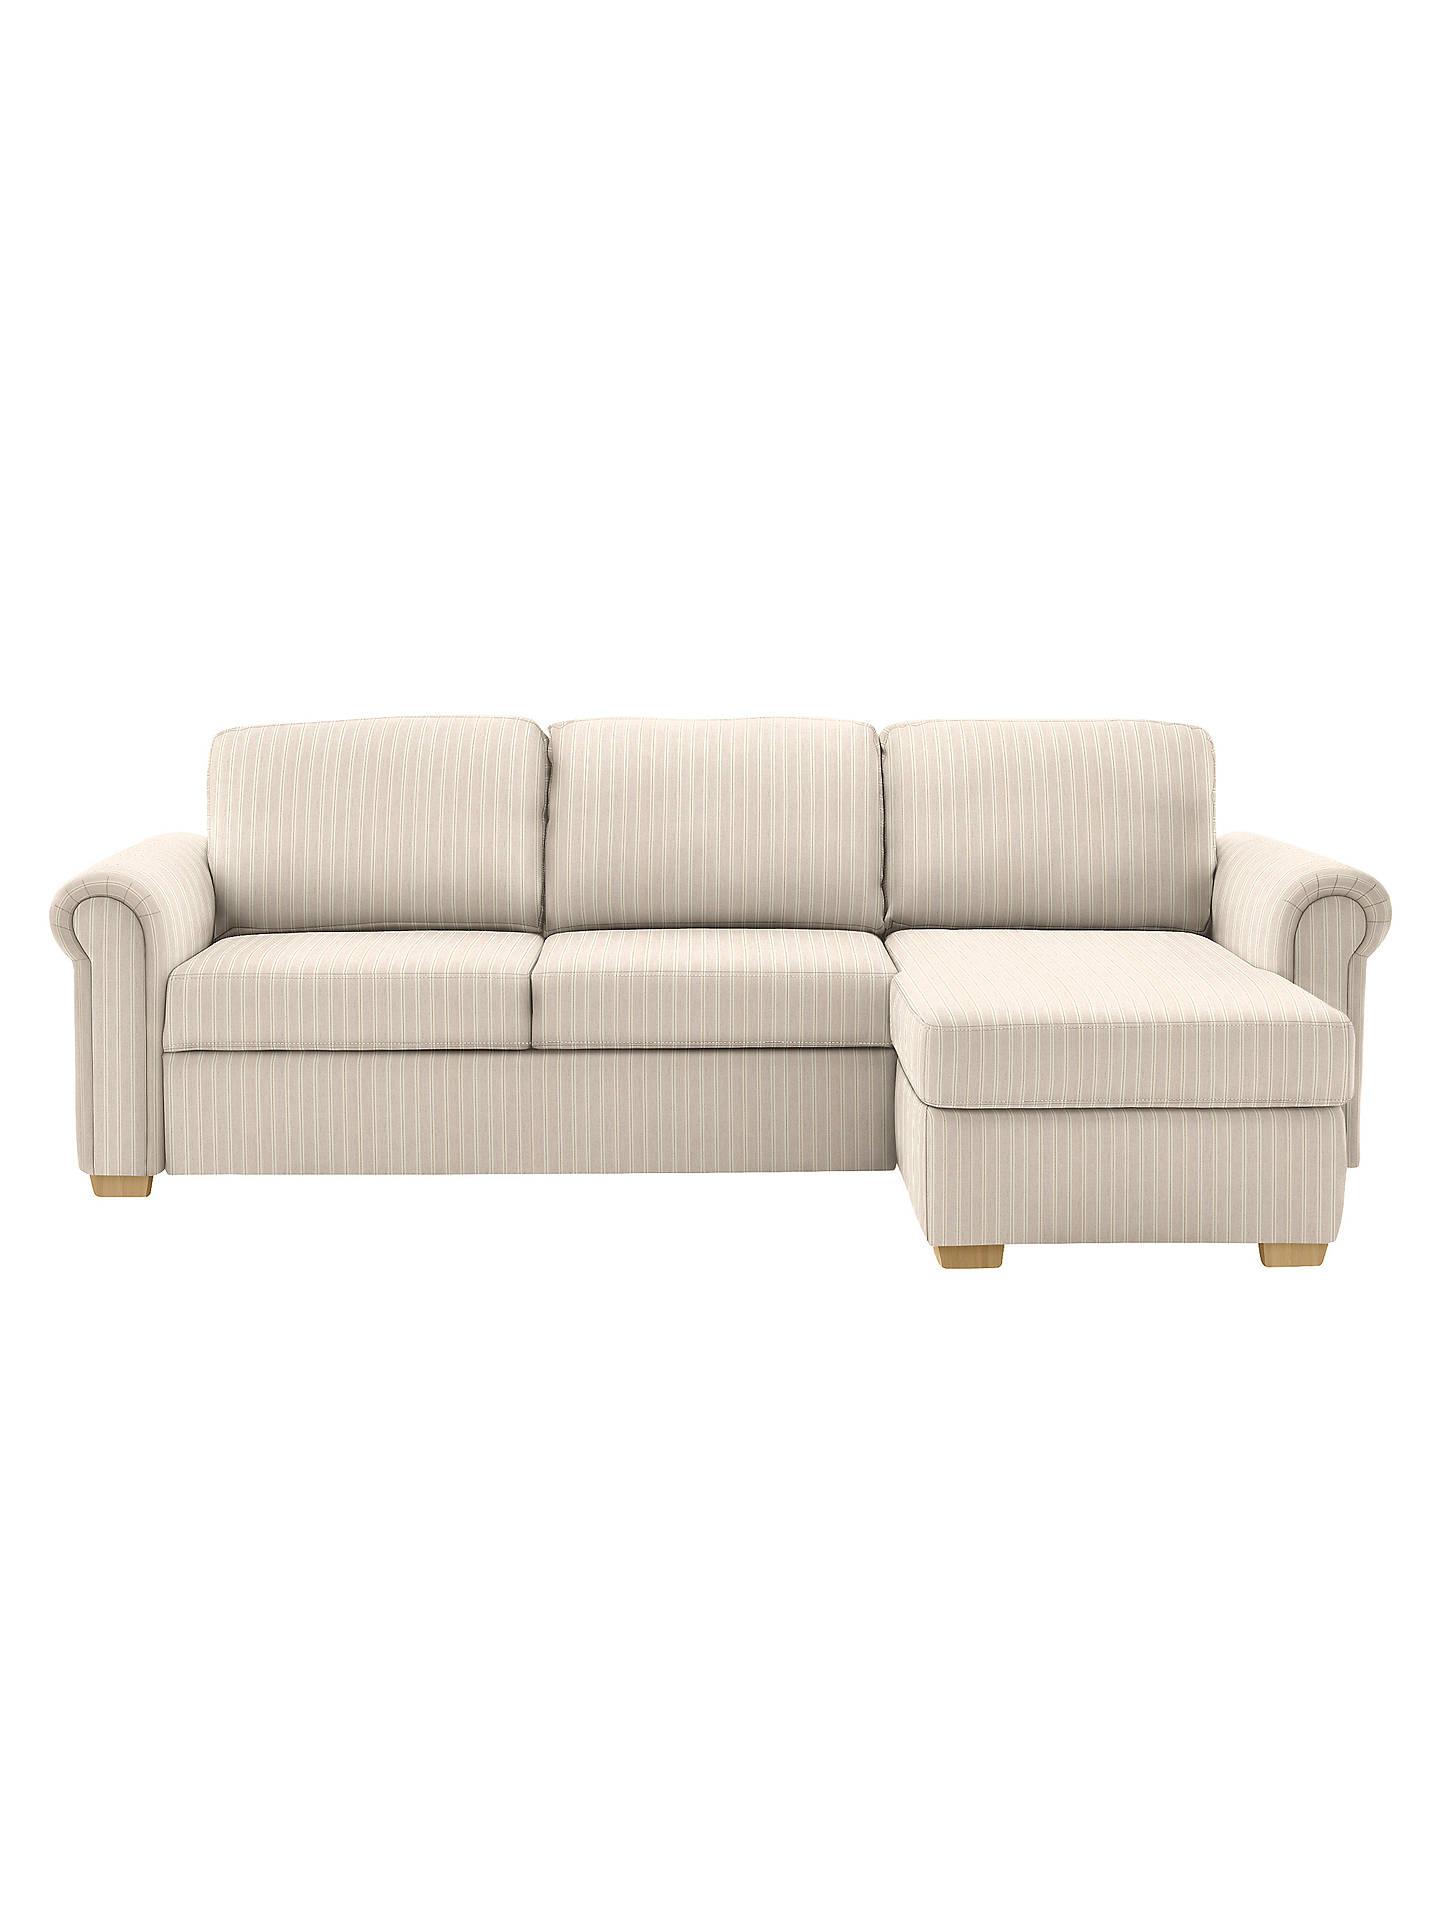 John Lewis Sacha Large Scroll Arm Storage Sofa Bed at John